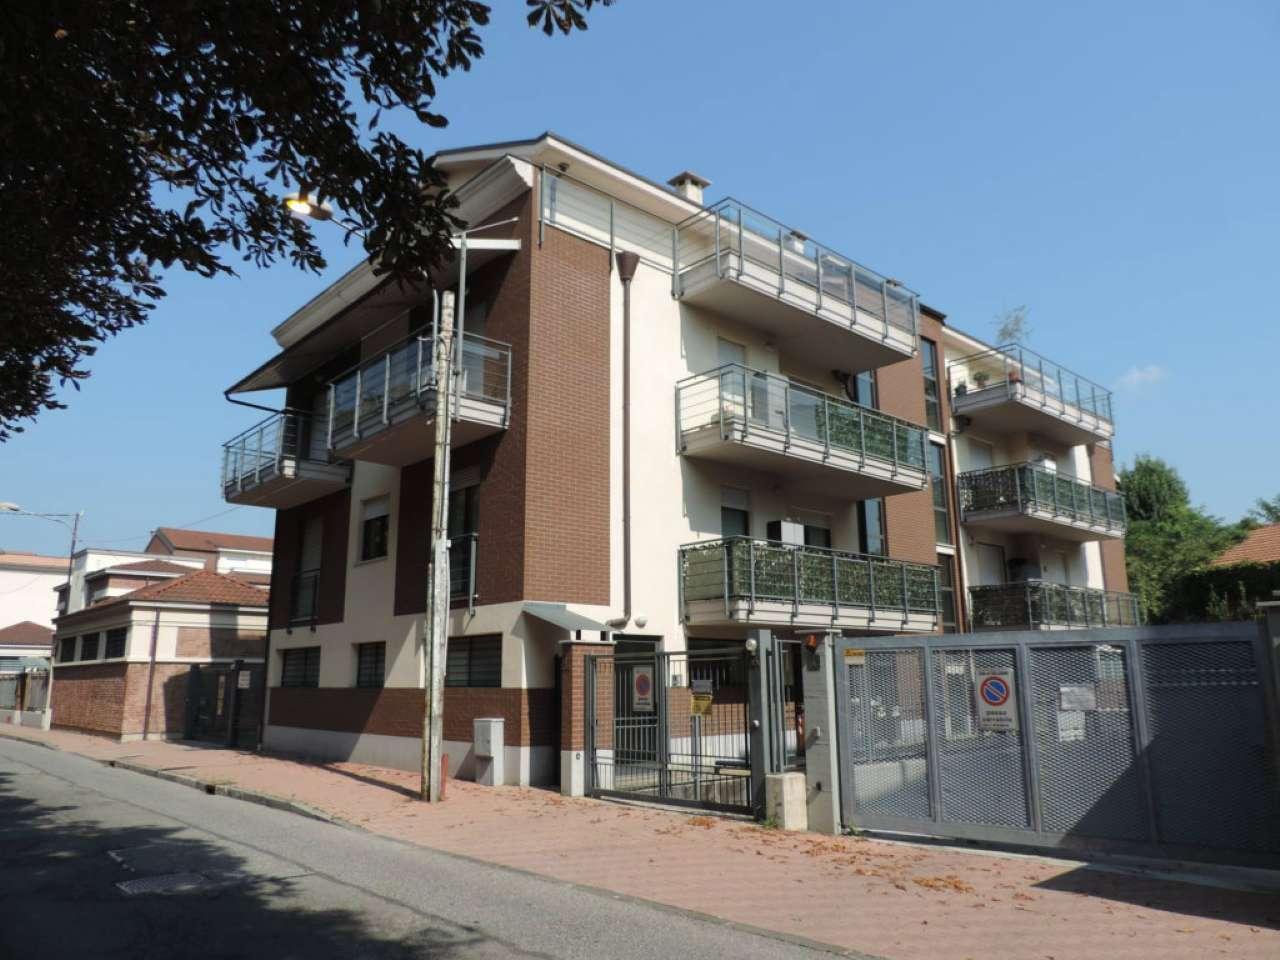 Appartamento in affitto a Collegno, 2 locali, prezzo € 543 | CambioCasa.it